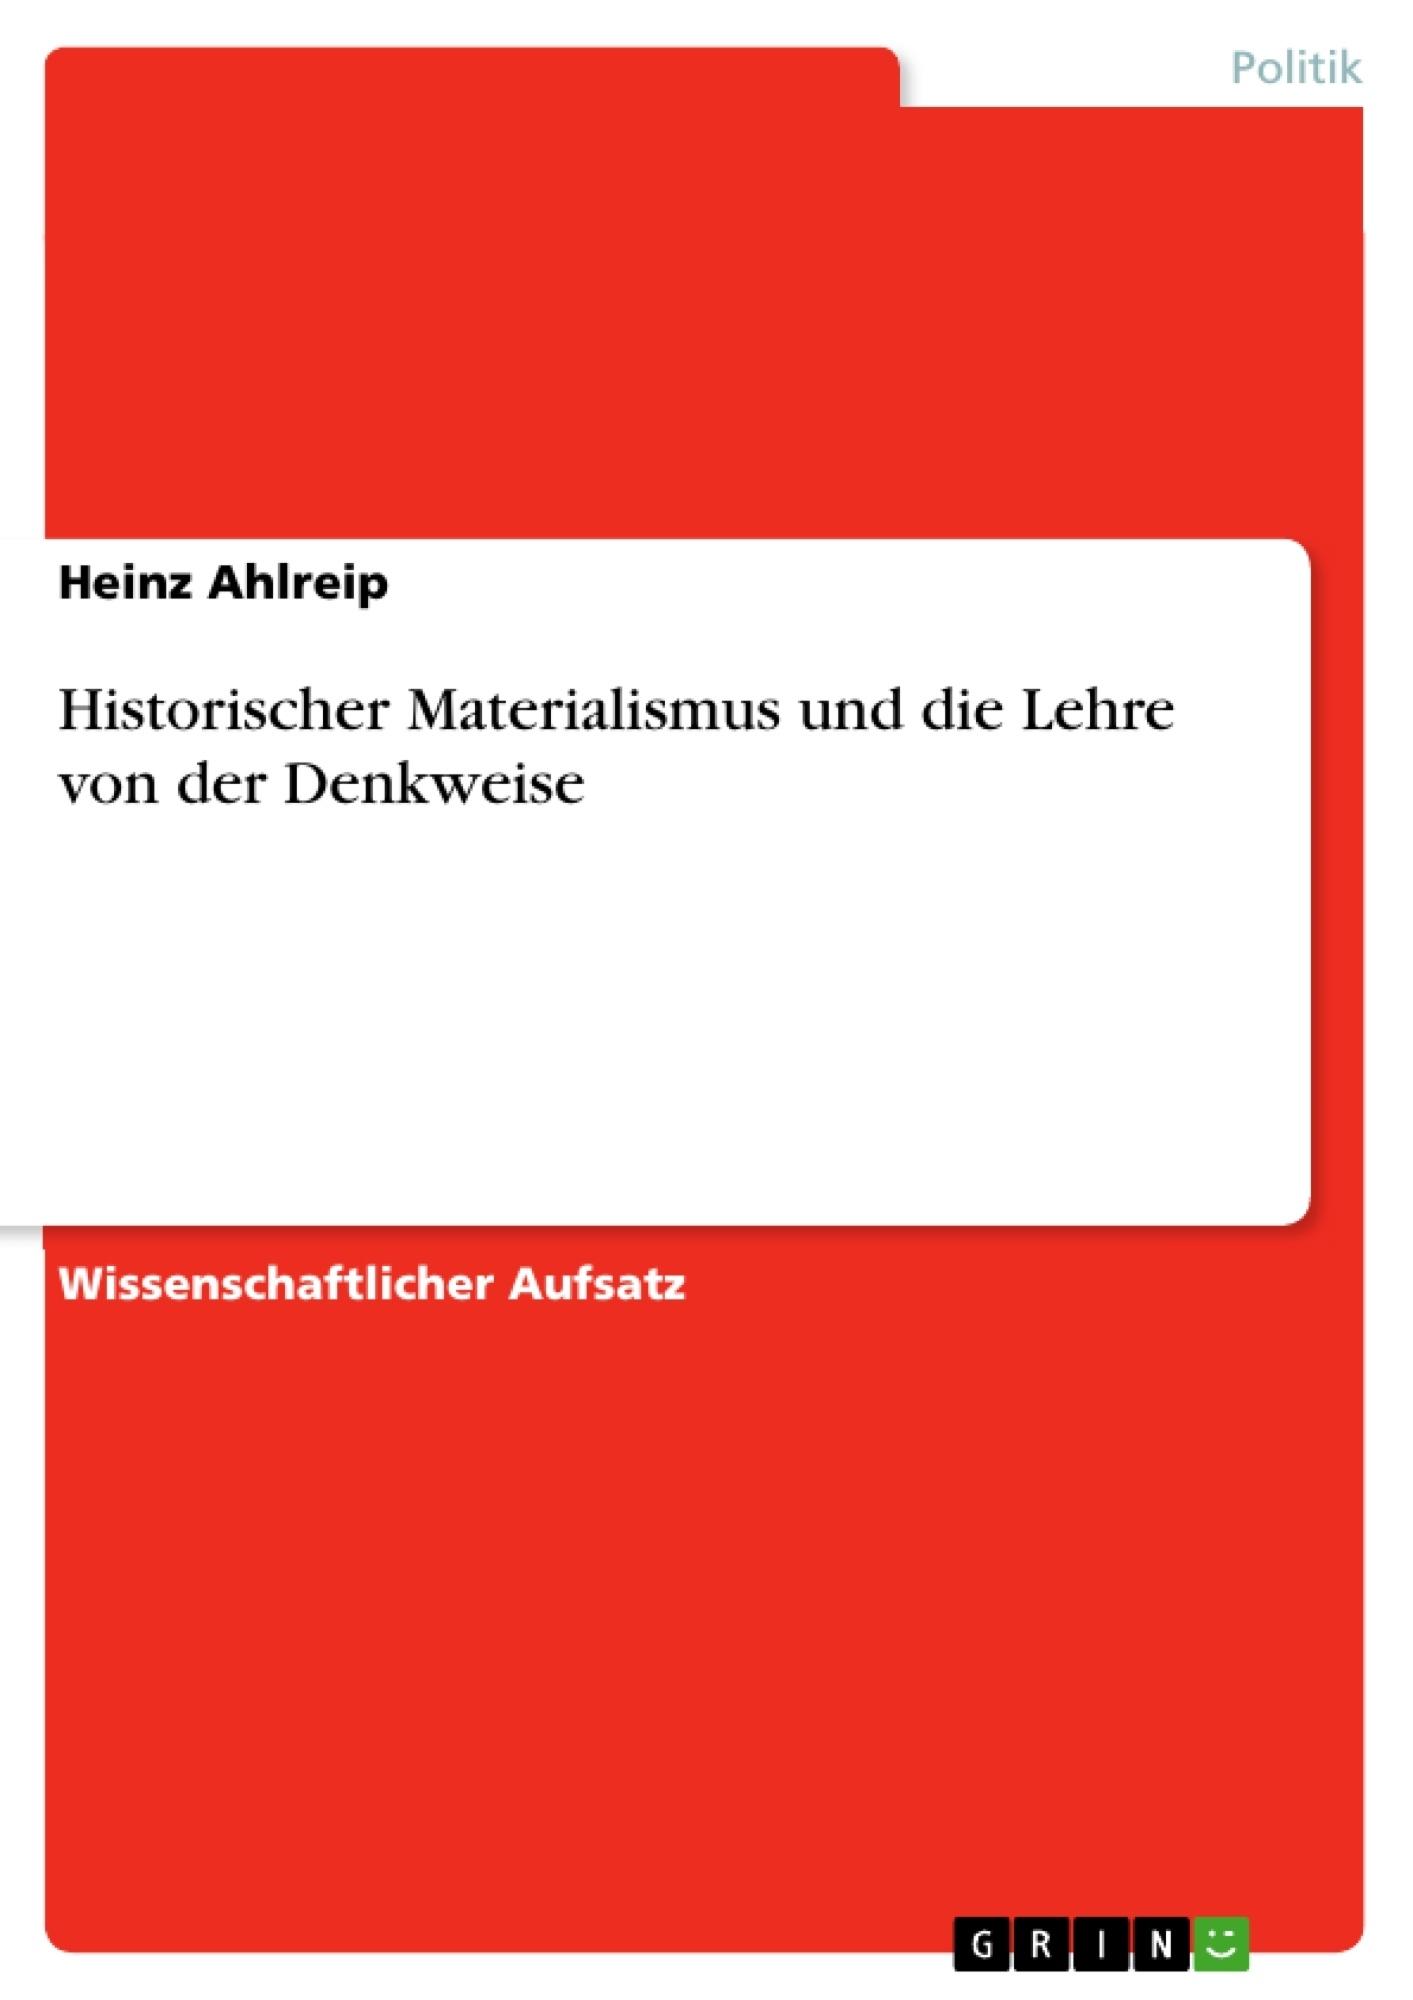 Titel: Historischer Materialismus und die Lehre von der Denkweise